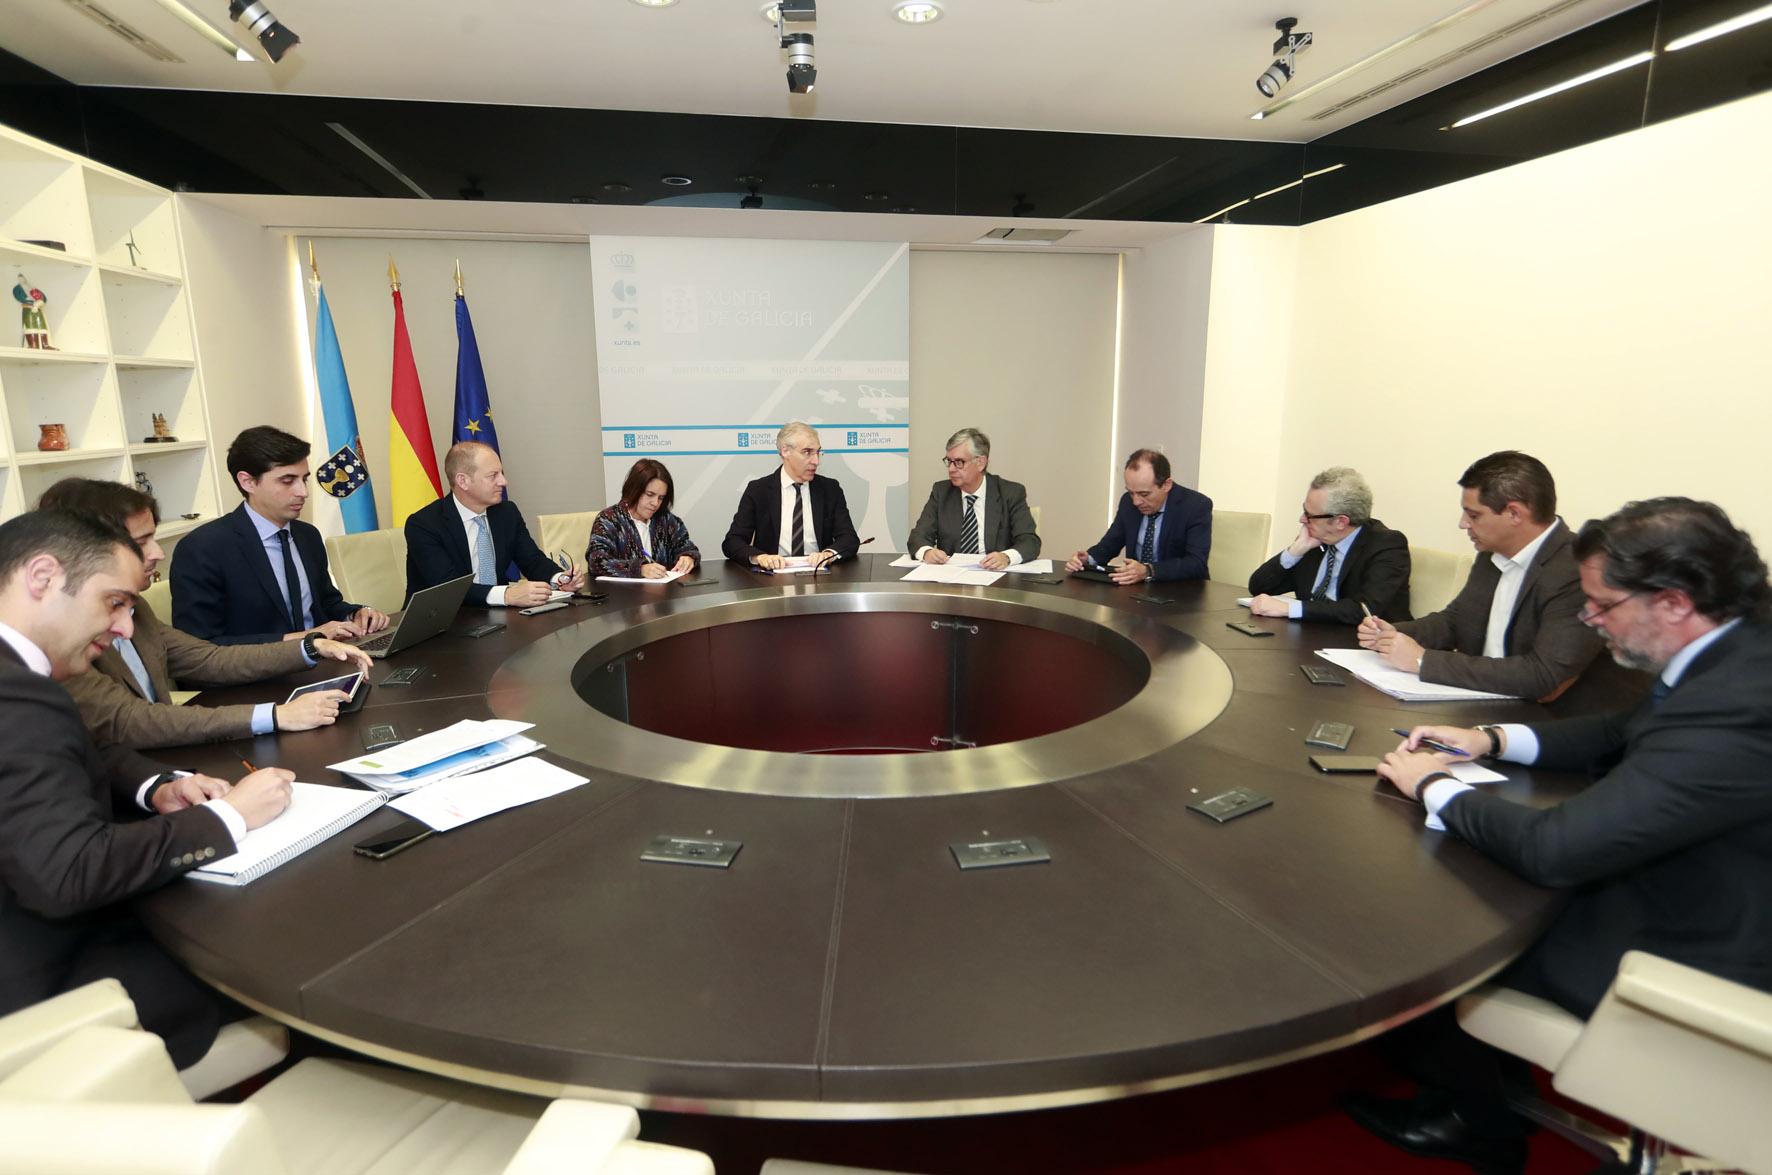 A Xunta e ATIGA queren poñer a transferencia tecnolóxica ao máximo rendemento